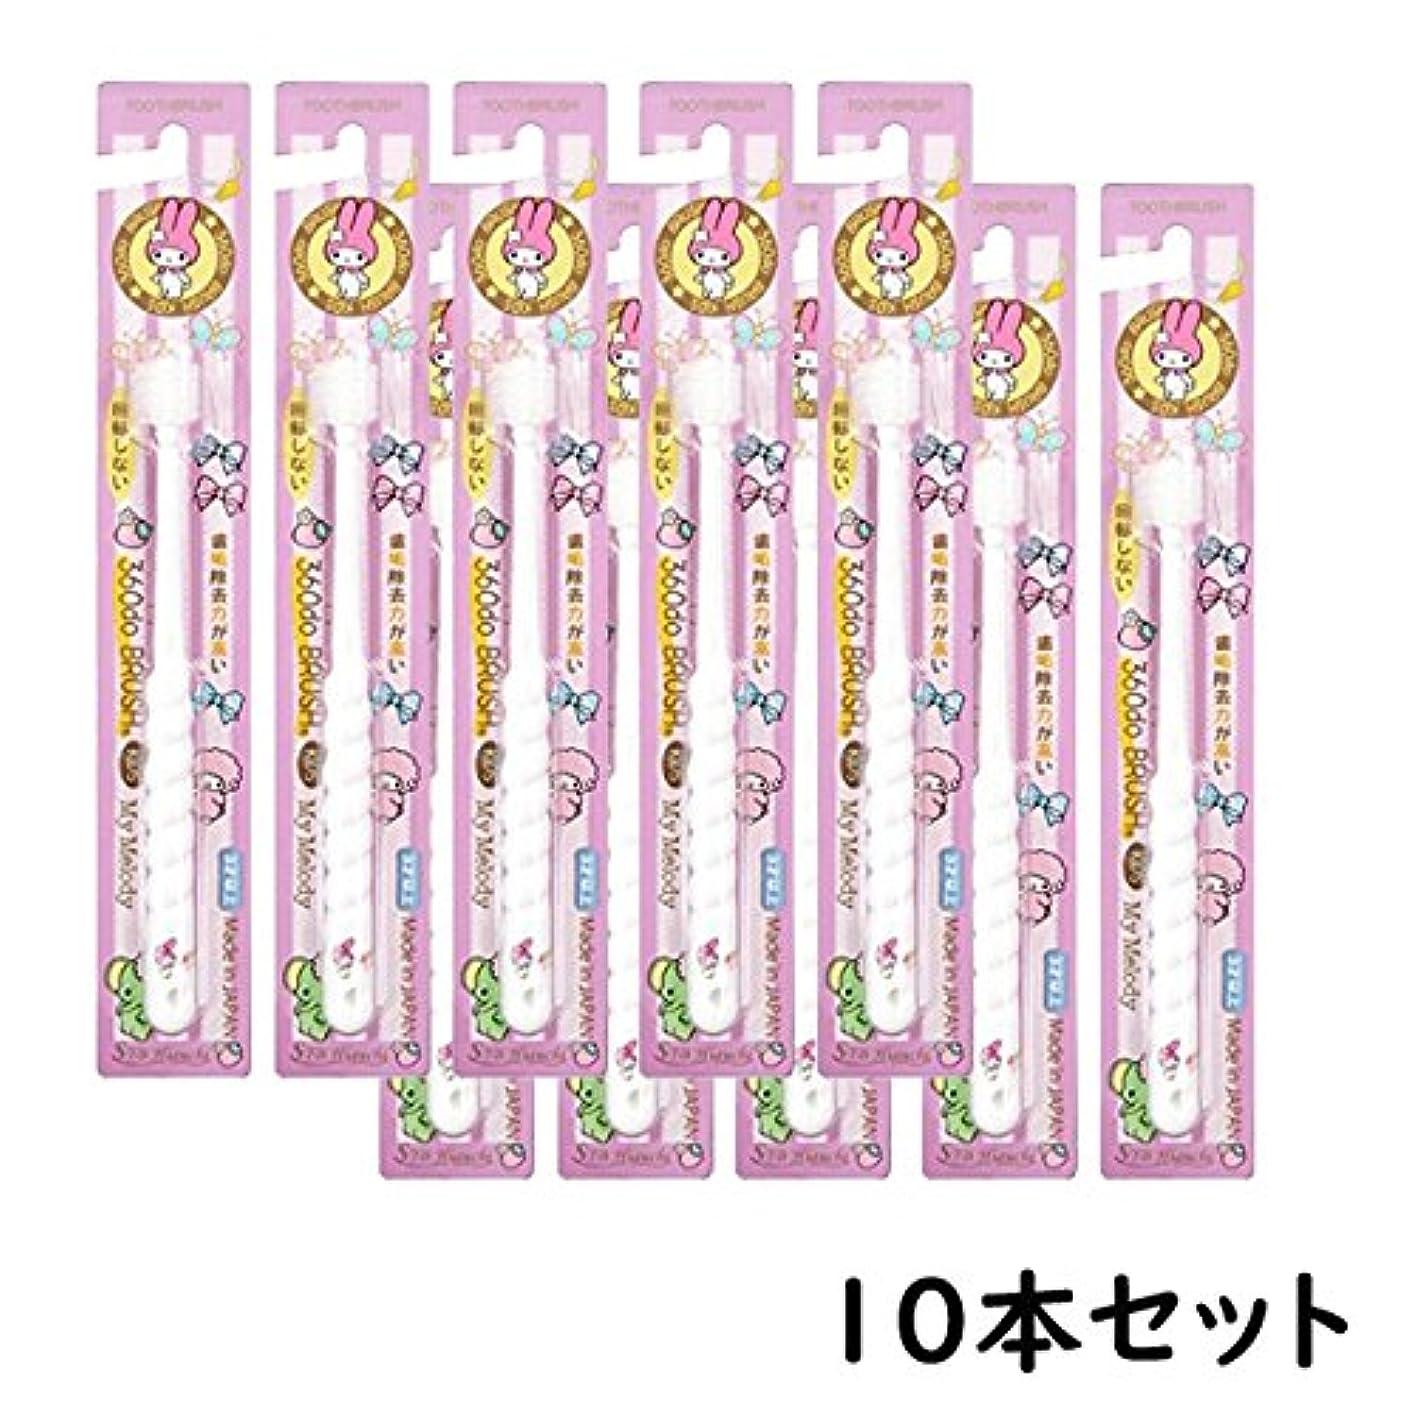 コンプライアンススラック聖人360度歯ブラシ 360do BRUSH たんぽぽの種キッズ マイメロディ (10本)